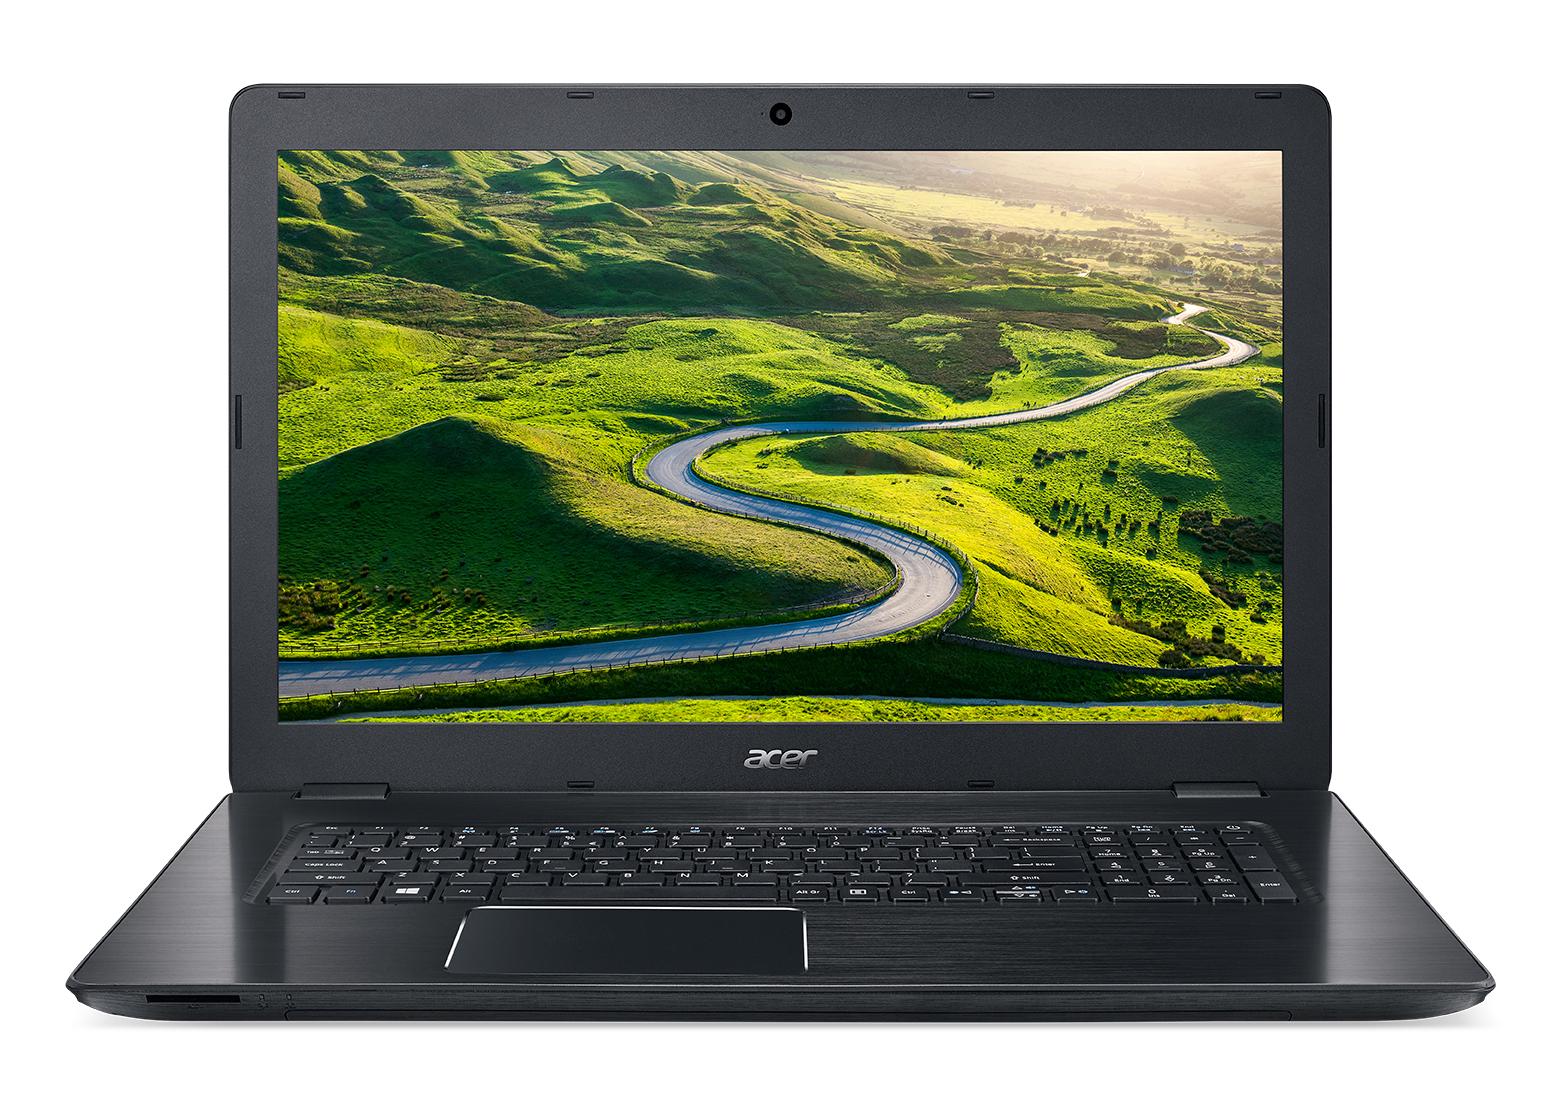 """Acer Aspire F17 (F5-771G-78X0) i7-7500U/8GB+N/256GB SSD M.2+1TB/DVDRW/GeForce GTX 950M 4G/17.3"""" FHD matný/BT/W10 Home/Black"""